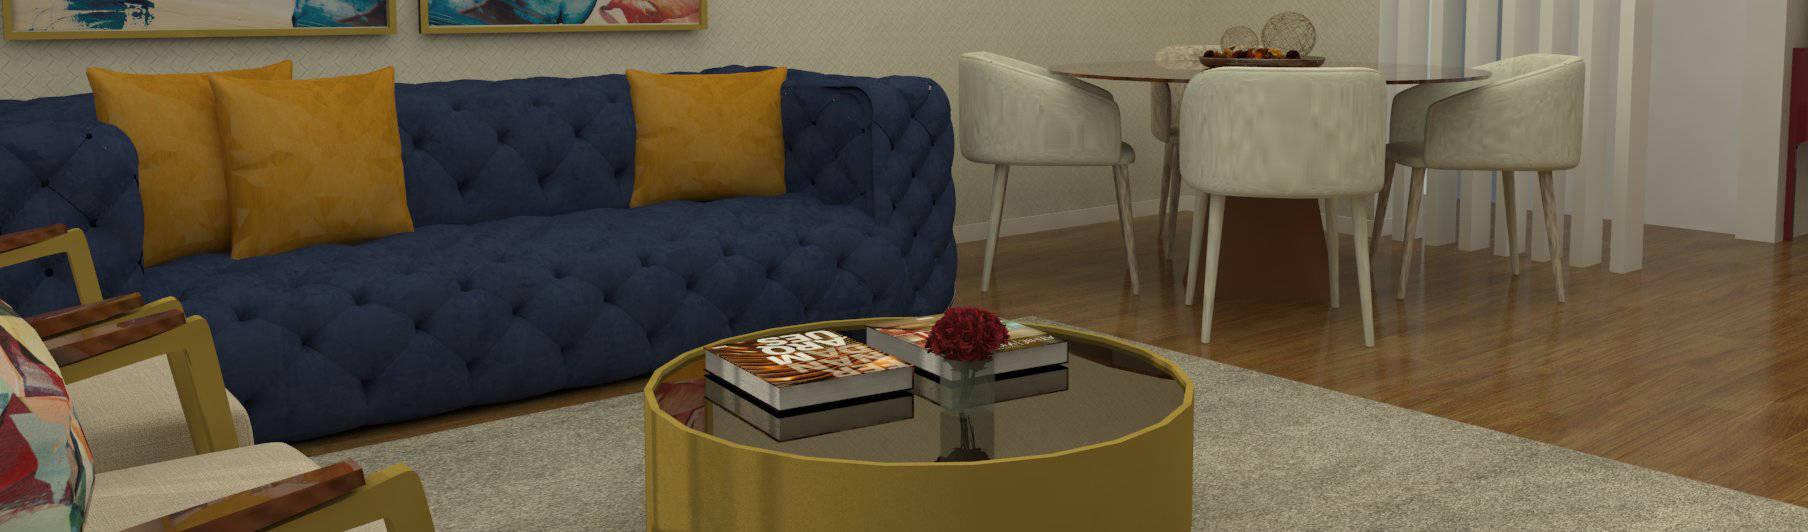 Casactiva Interiores